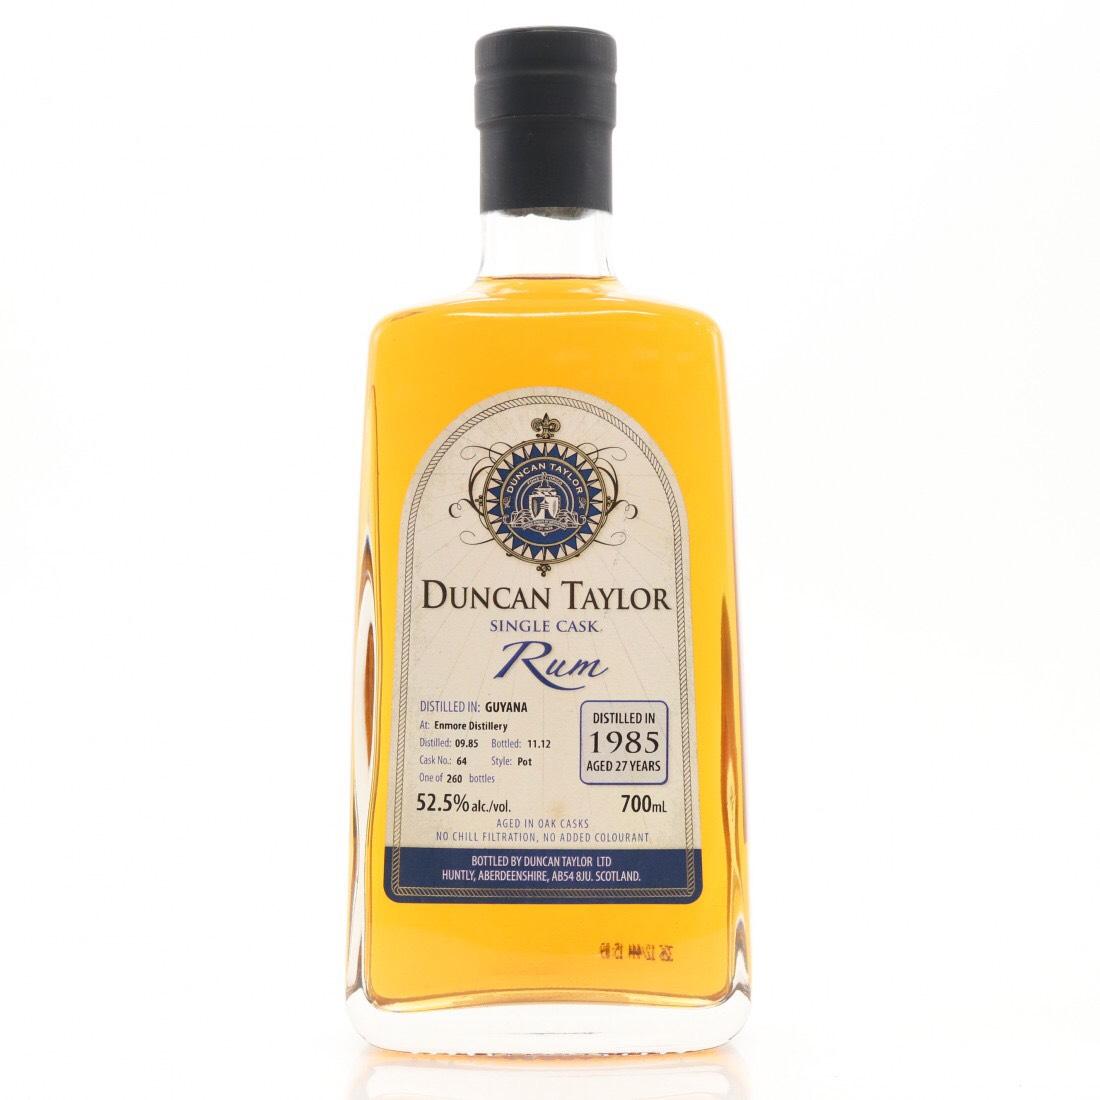 Bottle image of Single Cask Rum